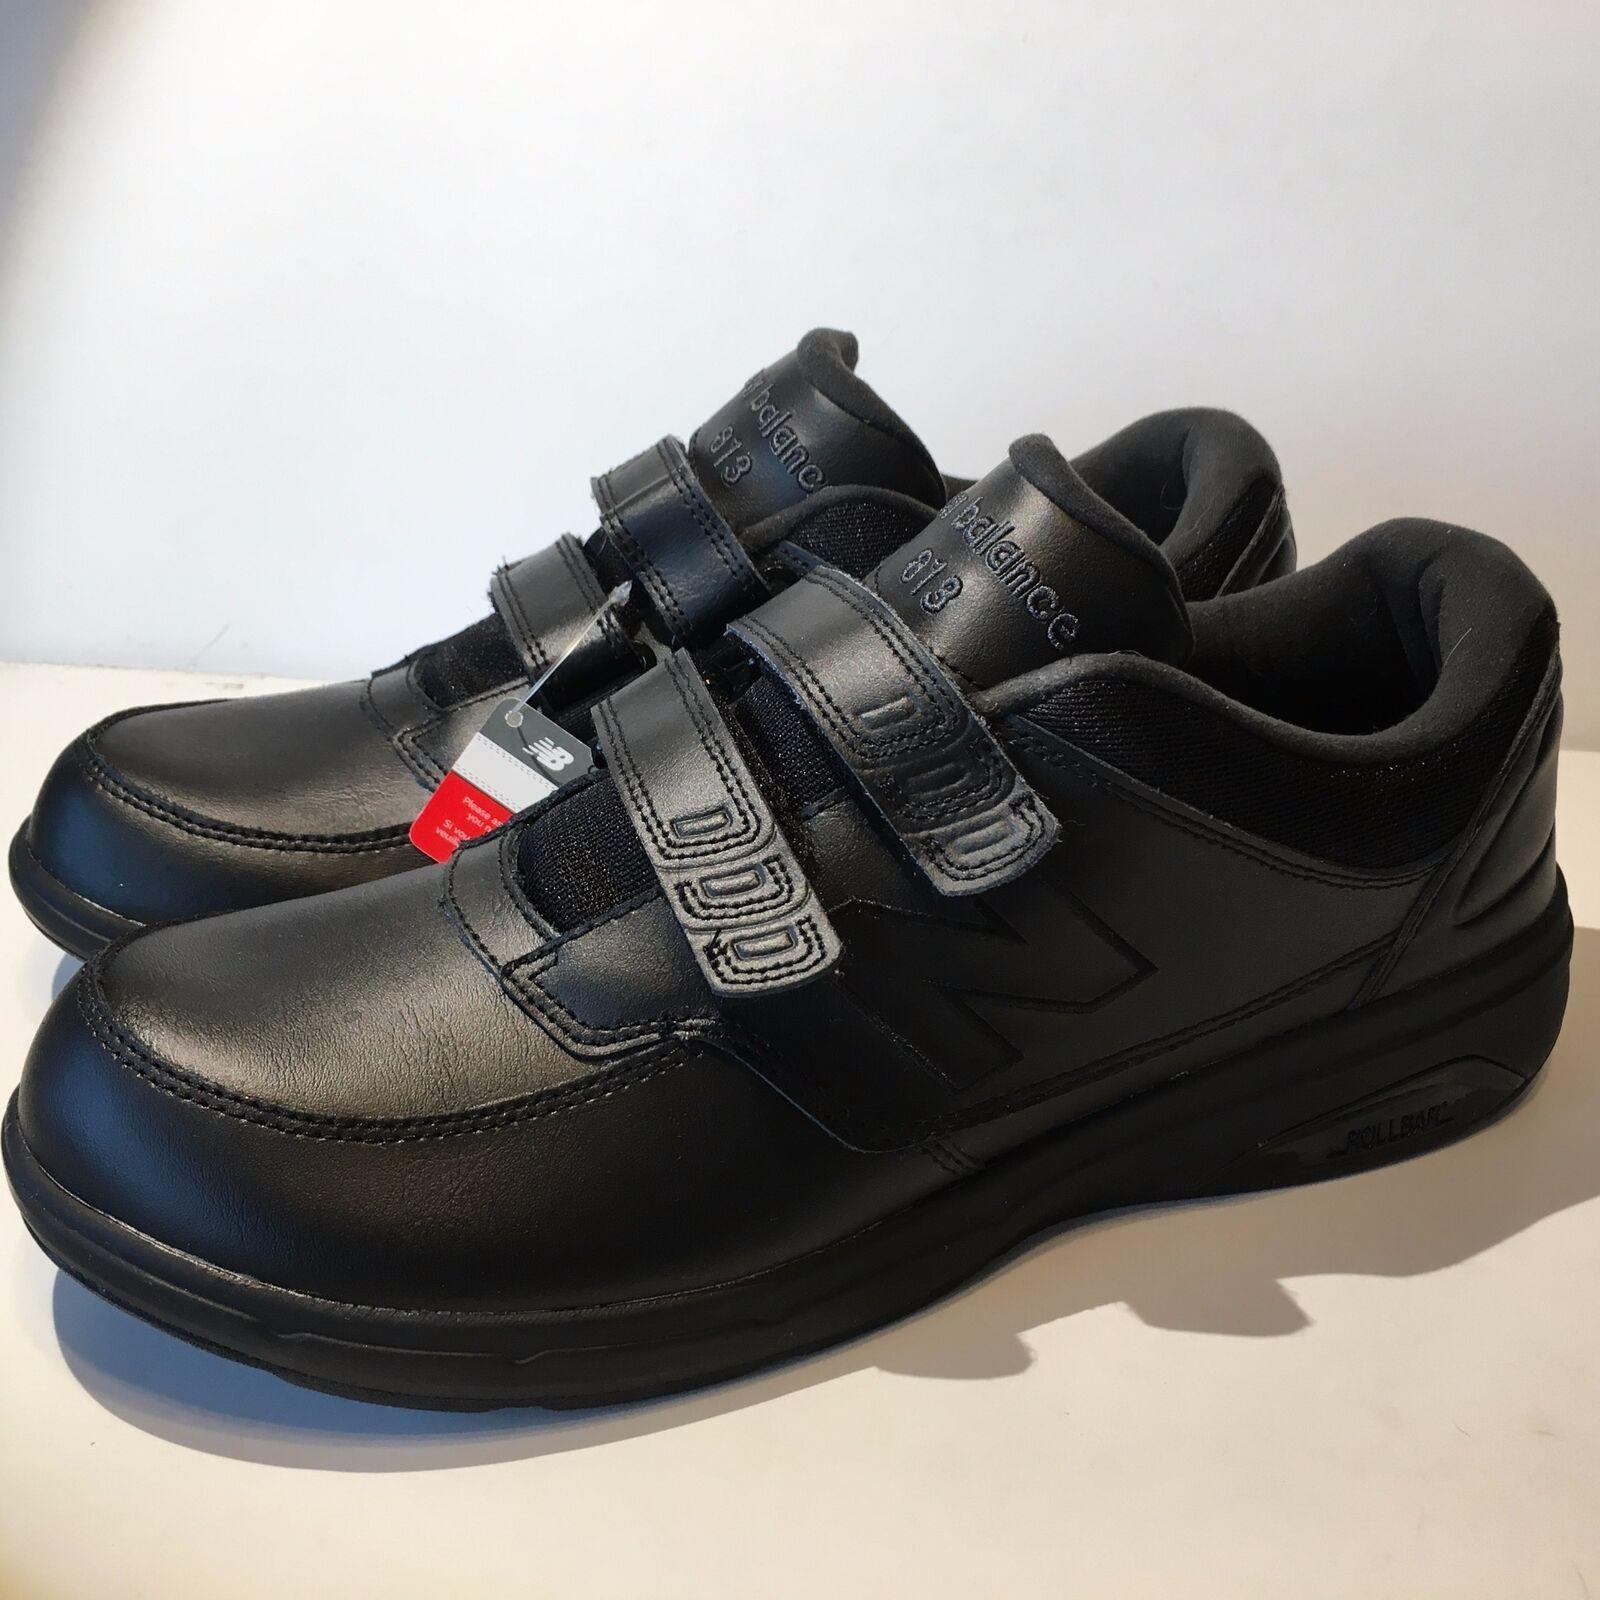 Para Hombre MW813HBK Caminar New Balance Zapato (1053) De Cuero Negro Tamaño 11.5M